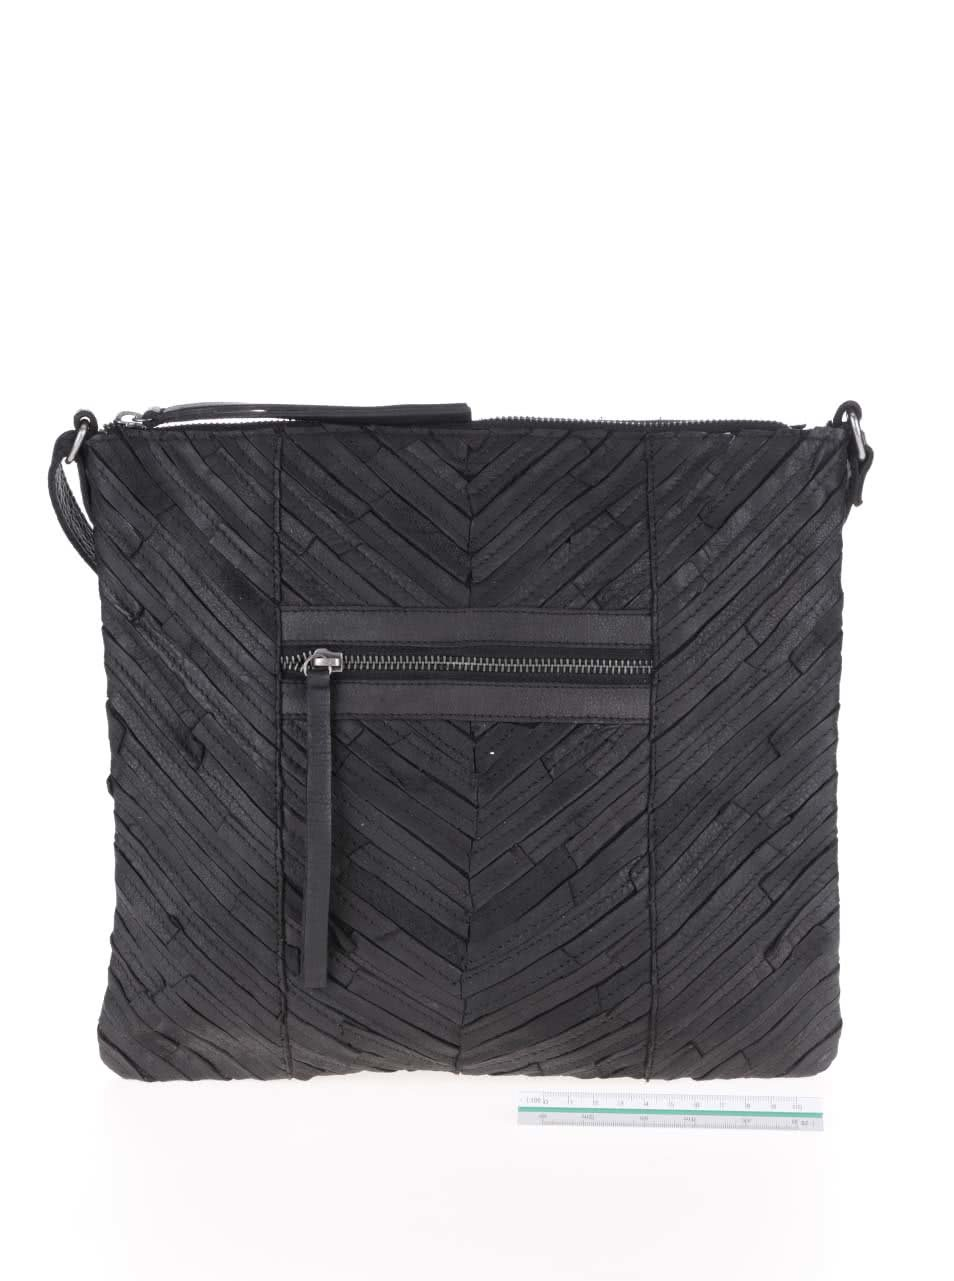 e777bfd442 Čierna kožená crossbody kabelka Pieces Piper ...